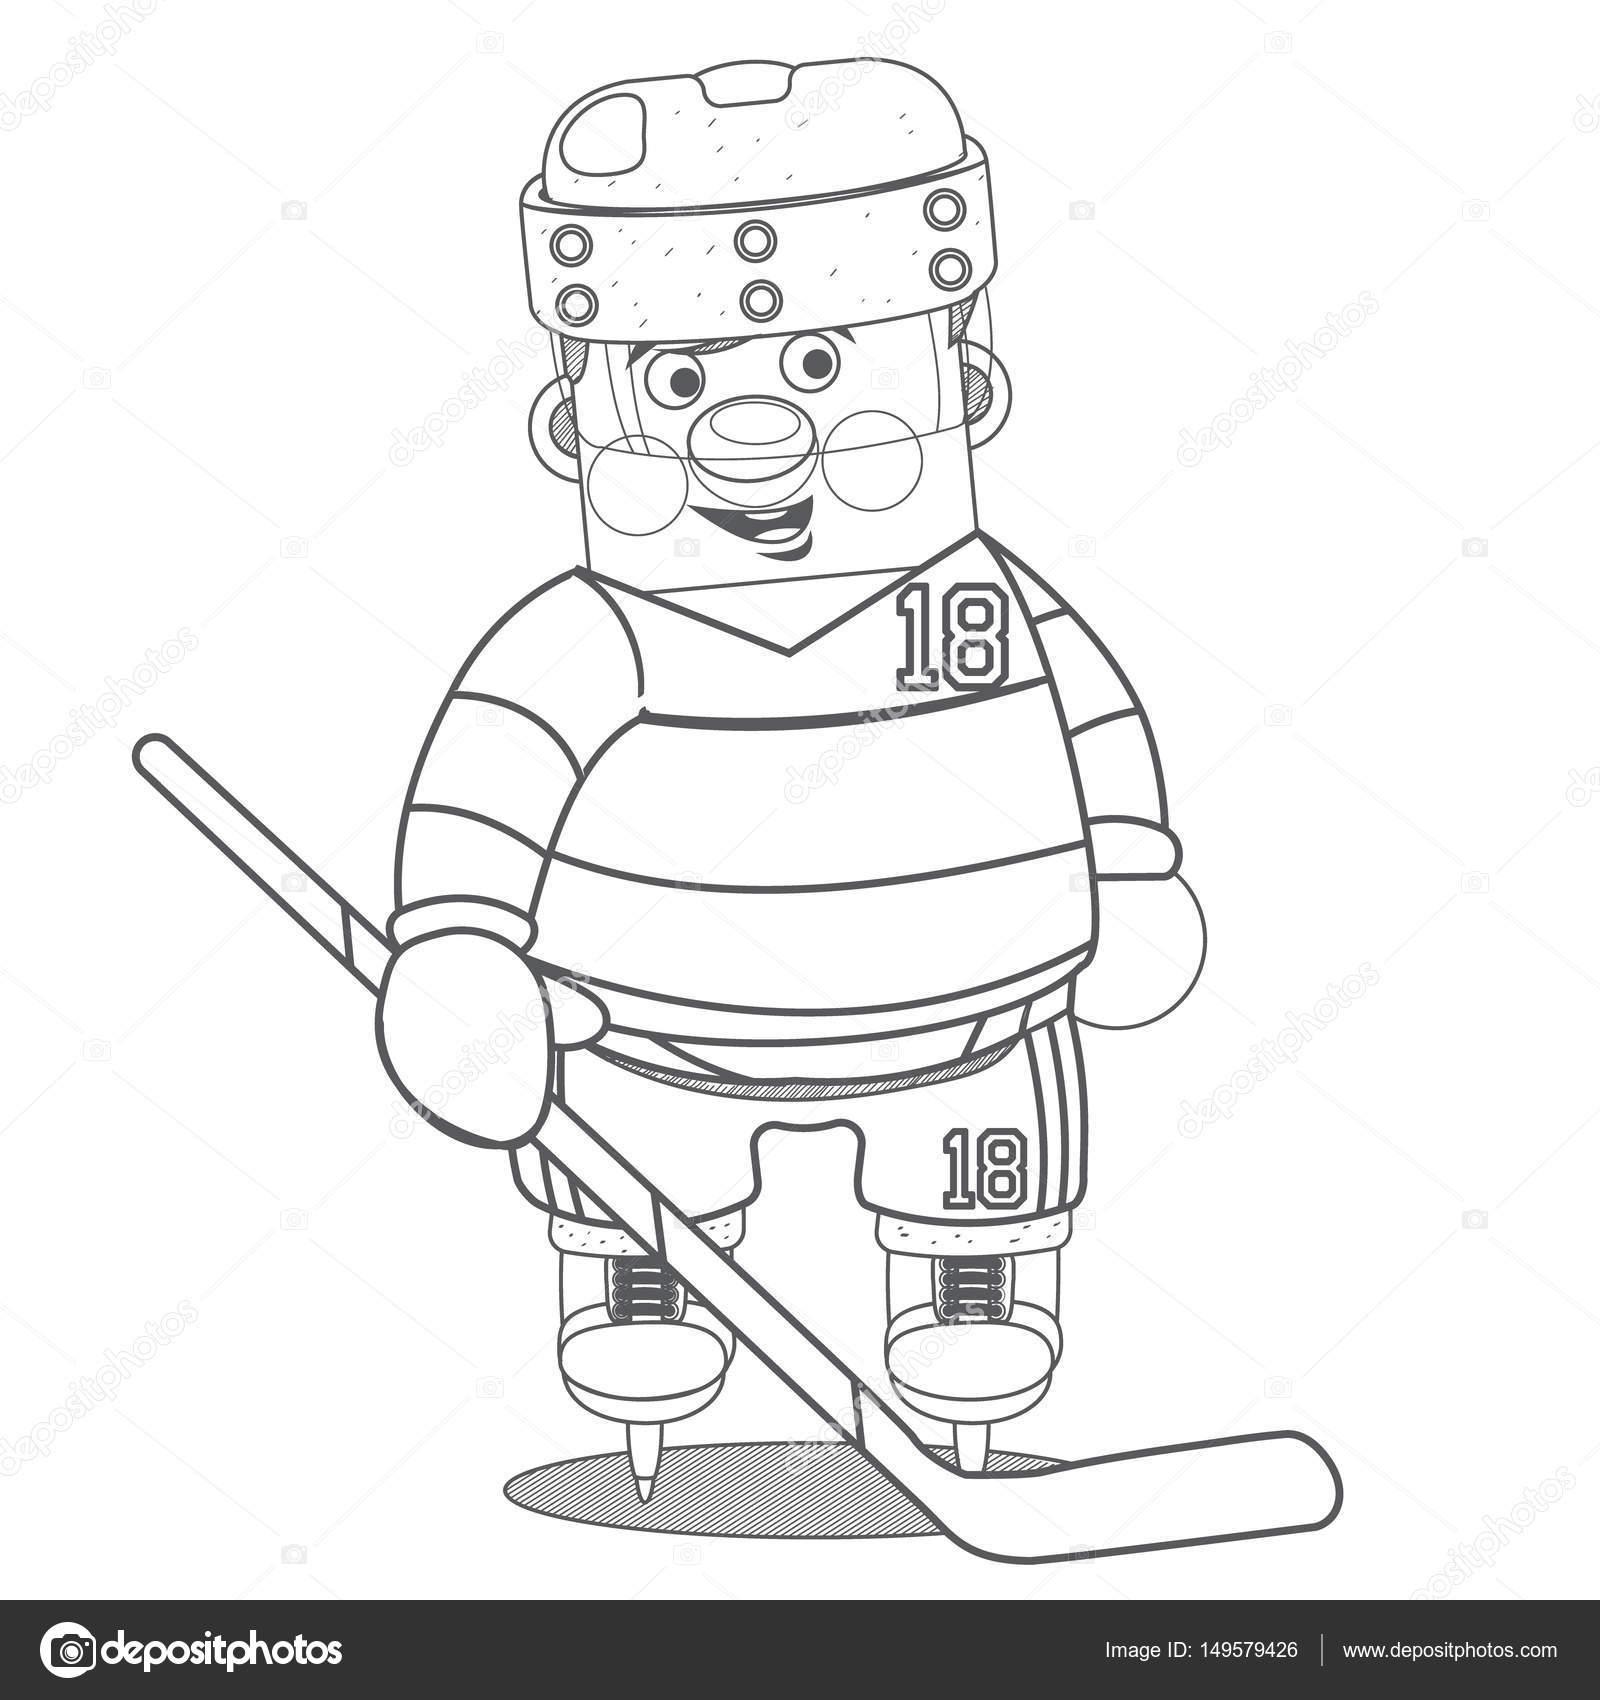 jugador de hockey sobre hielo — Archivo Imágenes Vectoriales ...